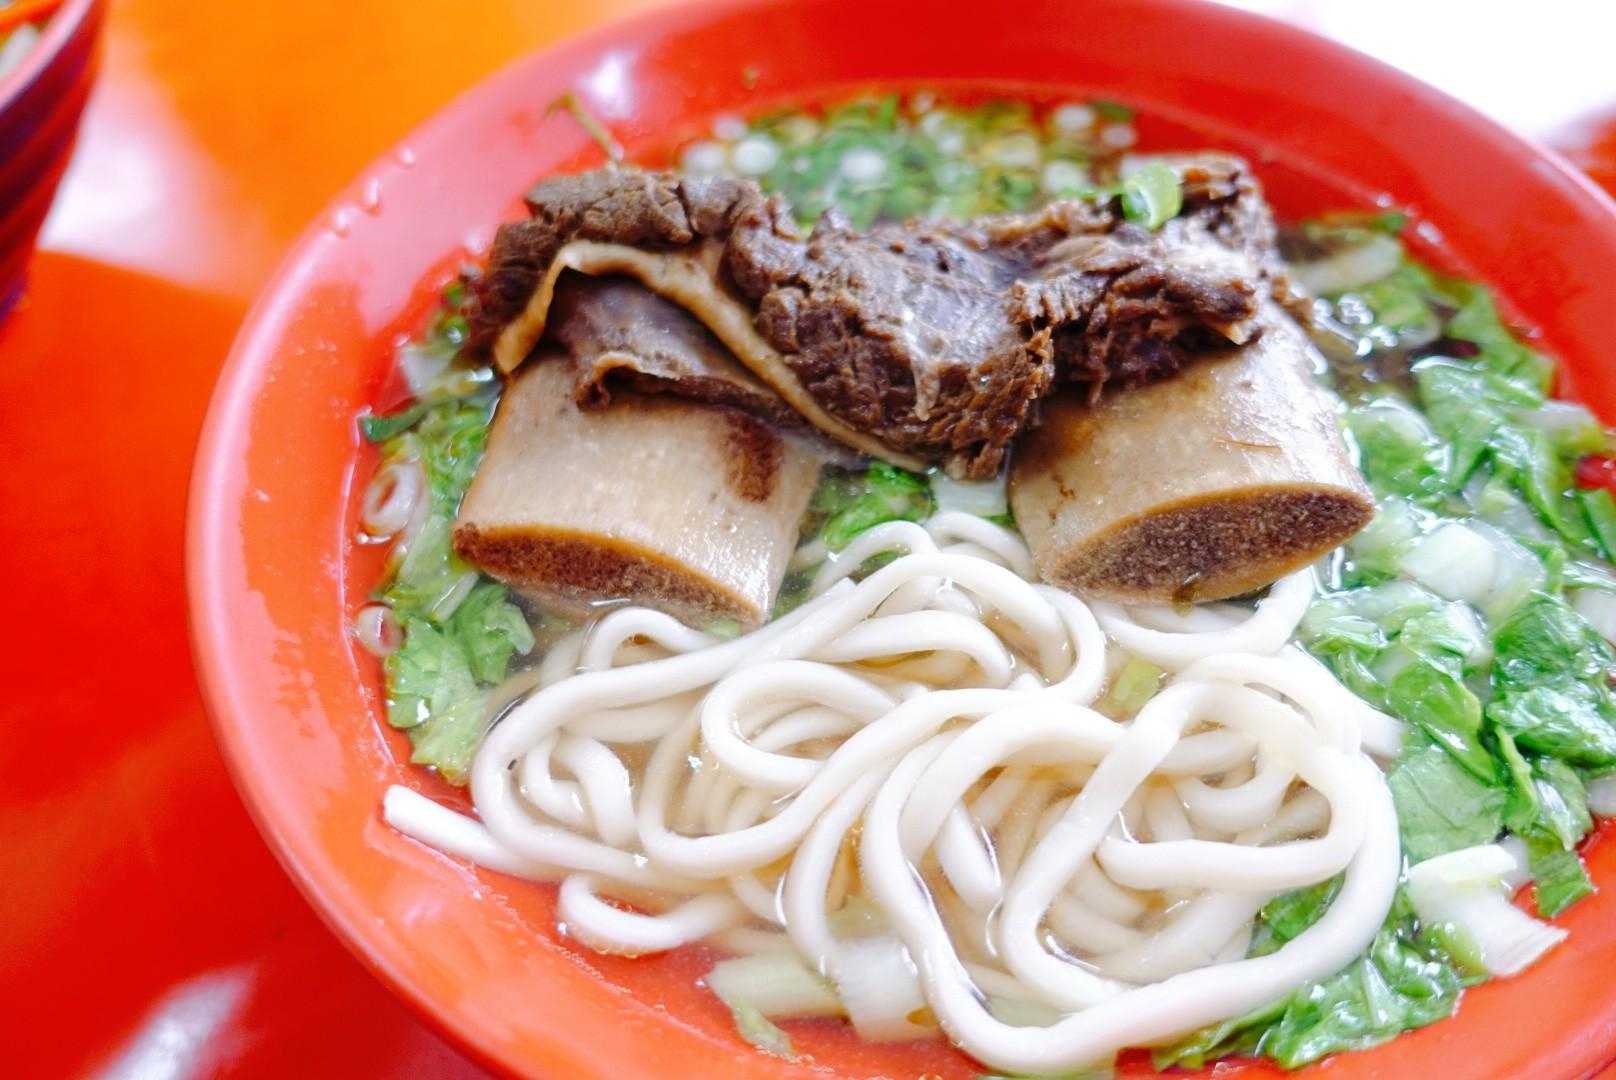 【花蓮鳳林】孫叔叔帶骨牛肉麵|CP值爆表的超大塊帶骨肉,還有各式可口小菜